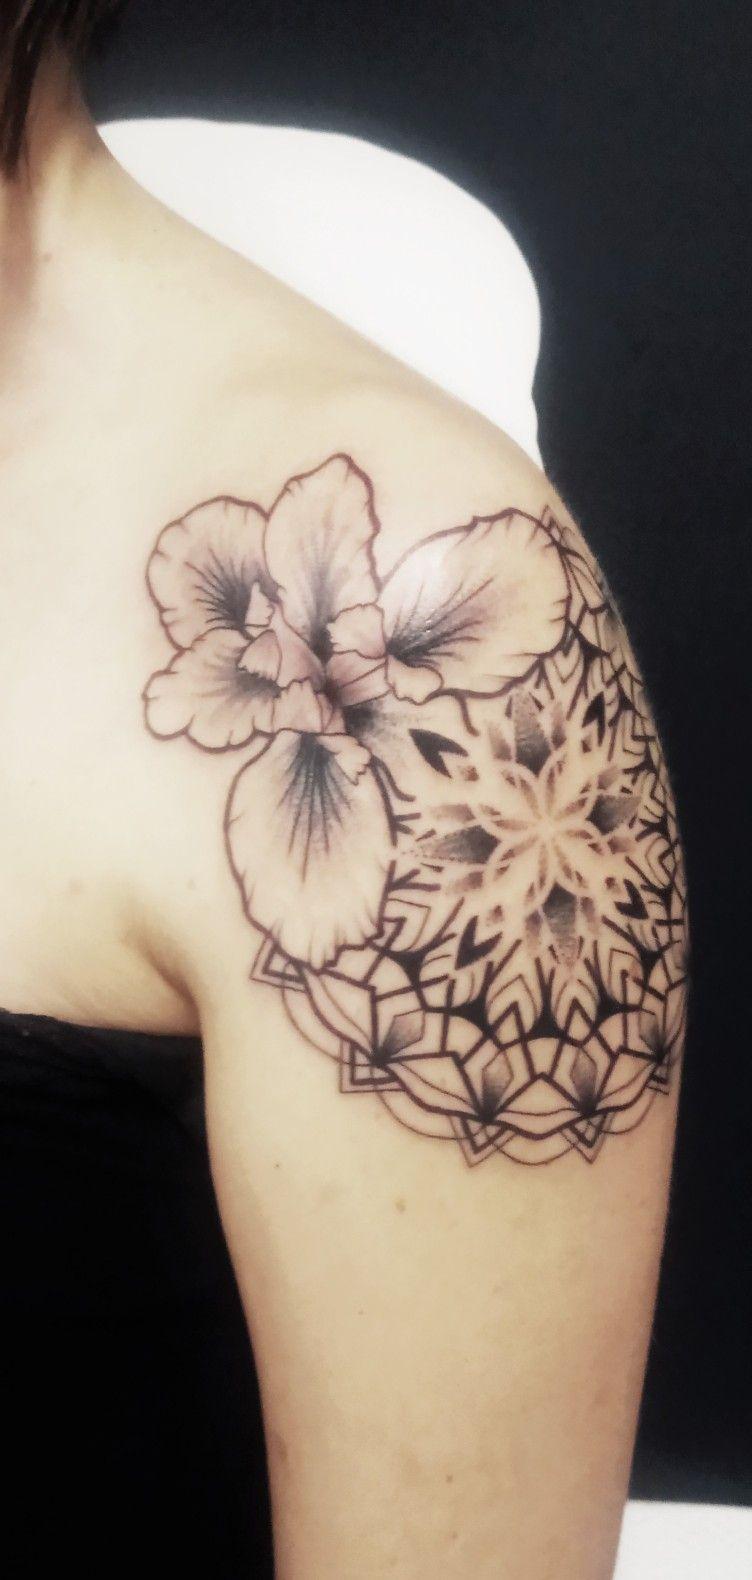 Tattoo iris mandala paule tats pinterest tatting and tattoo tattoo iris mandala paule izmirmasajfo Images